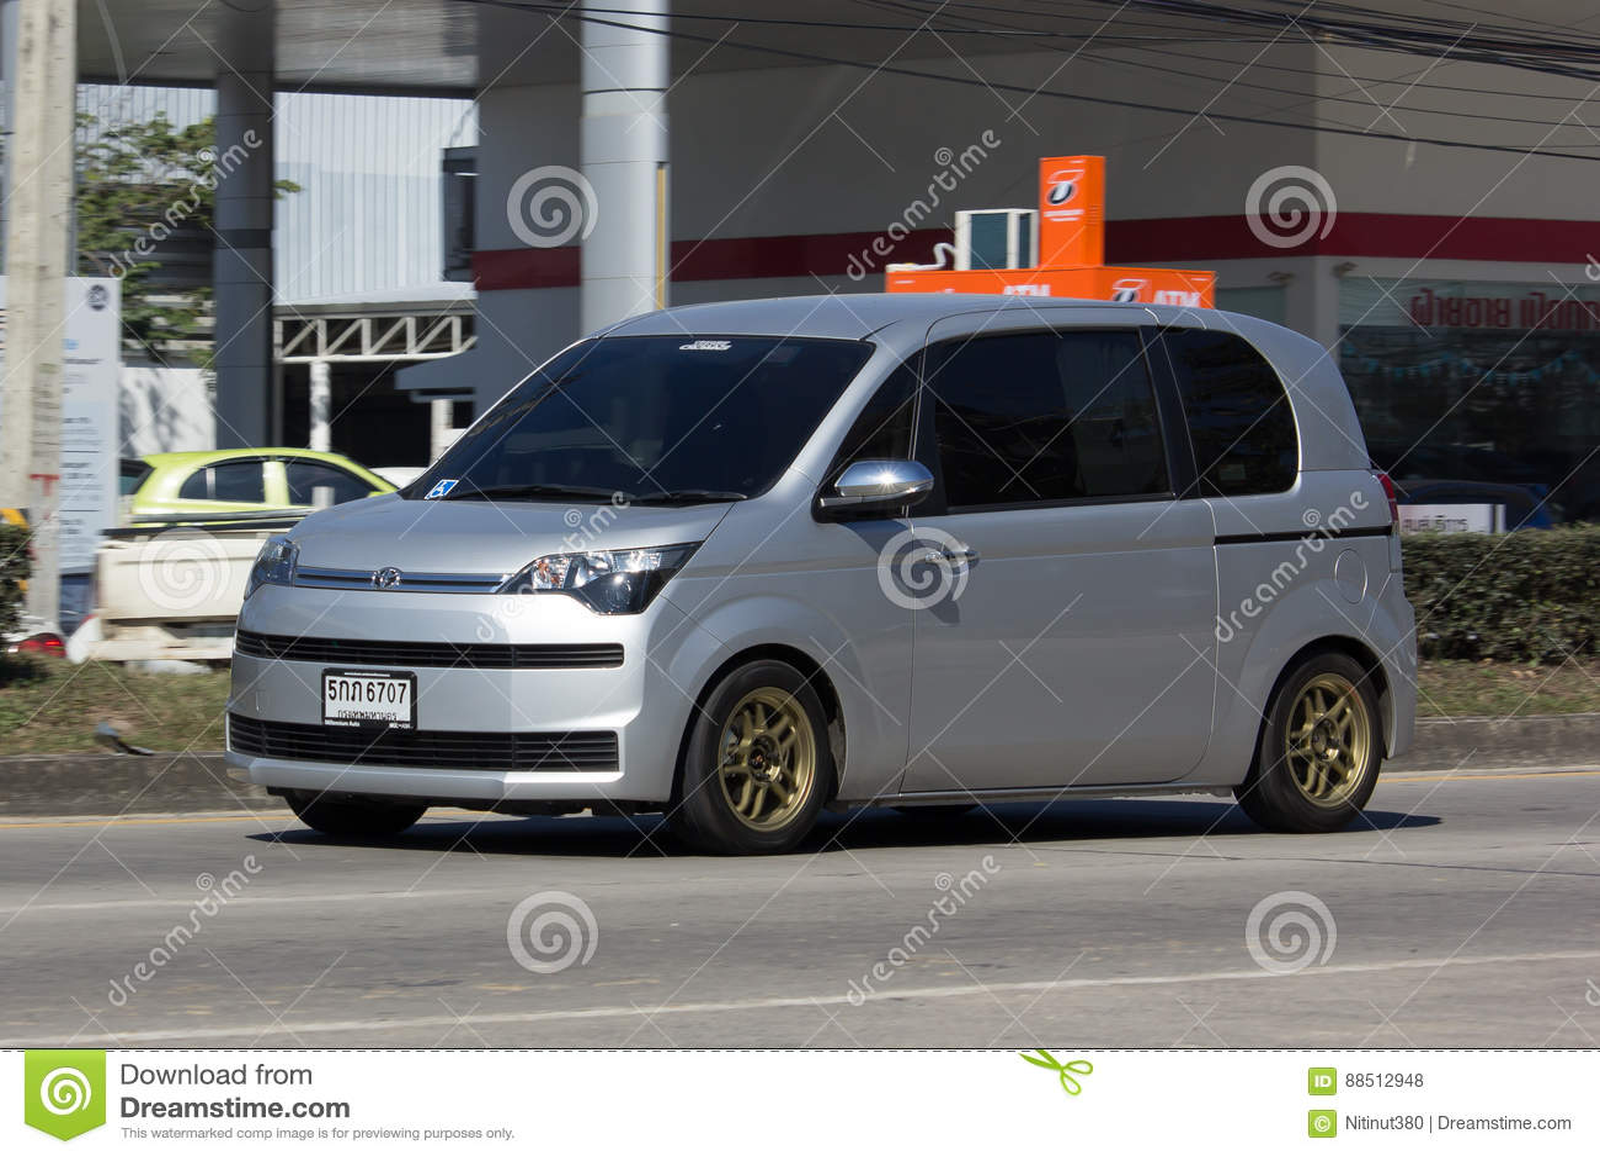 Kelebihan Toyota Mini Perbandingan Harga